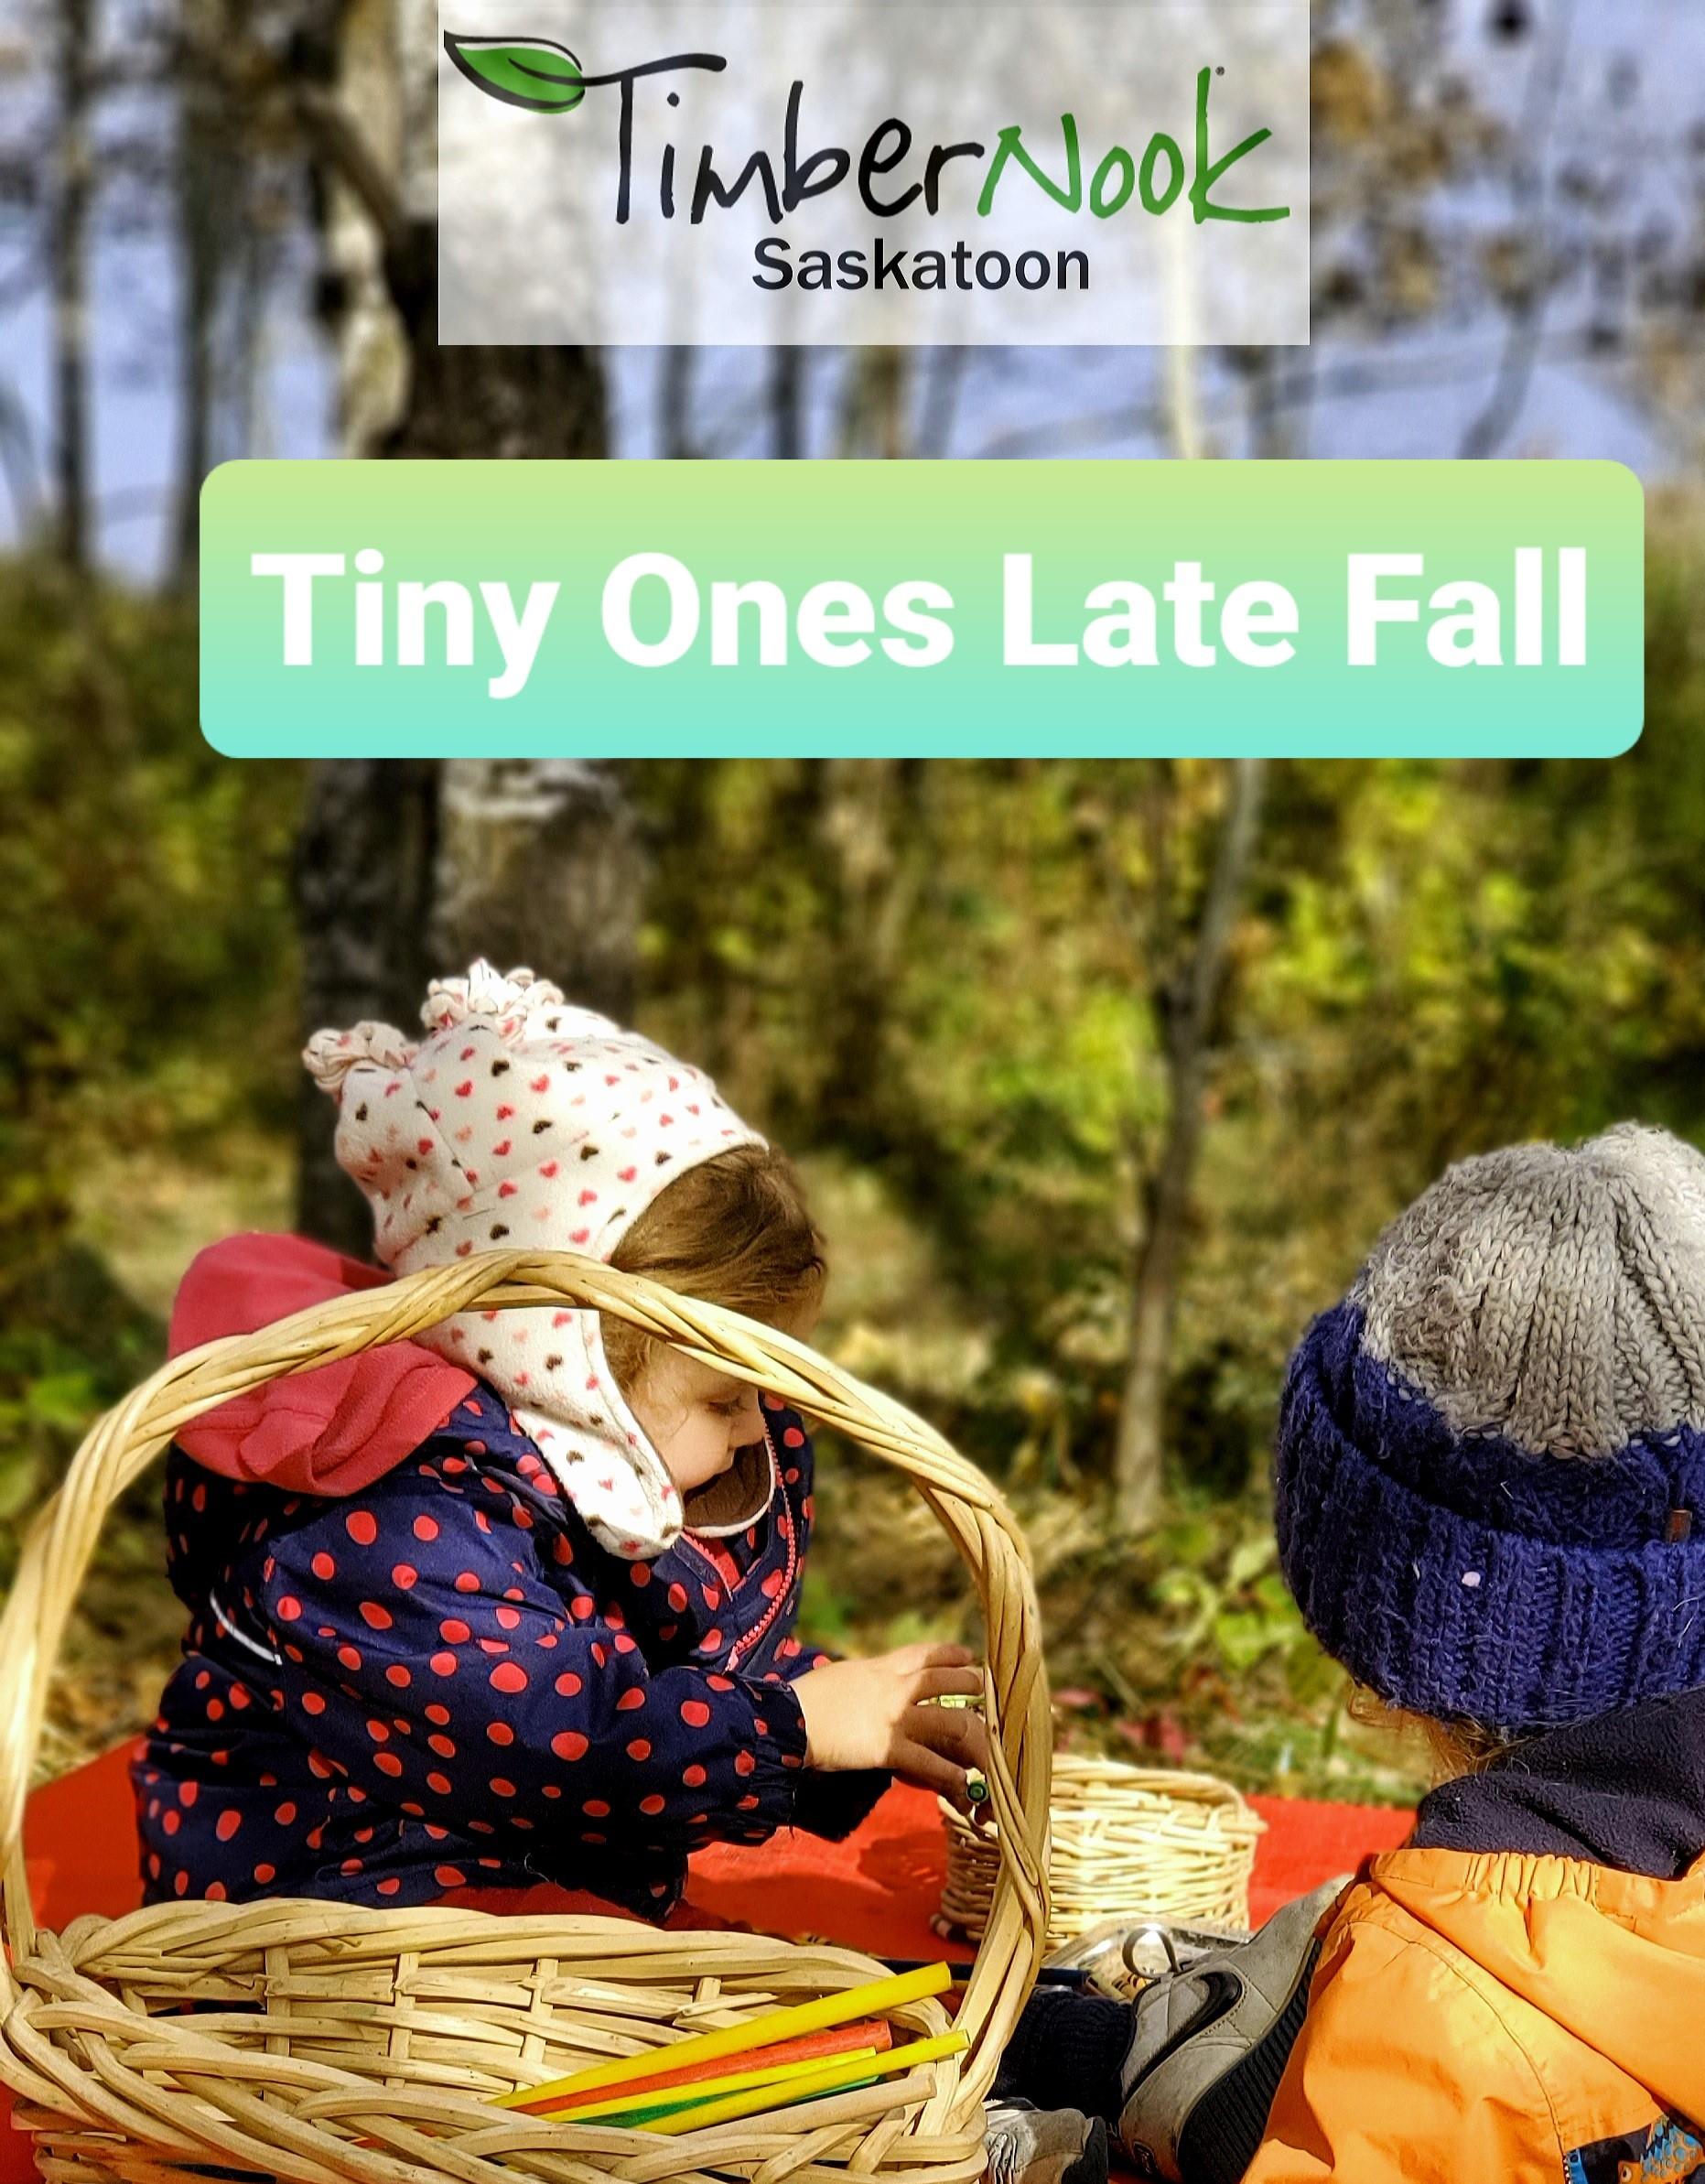 Tiny Ones - TimberNook Saskatoon